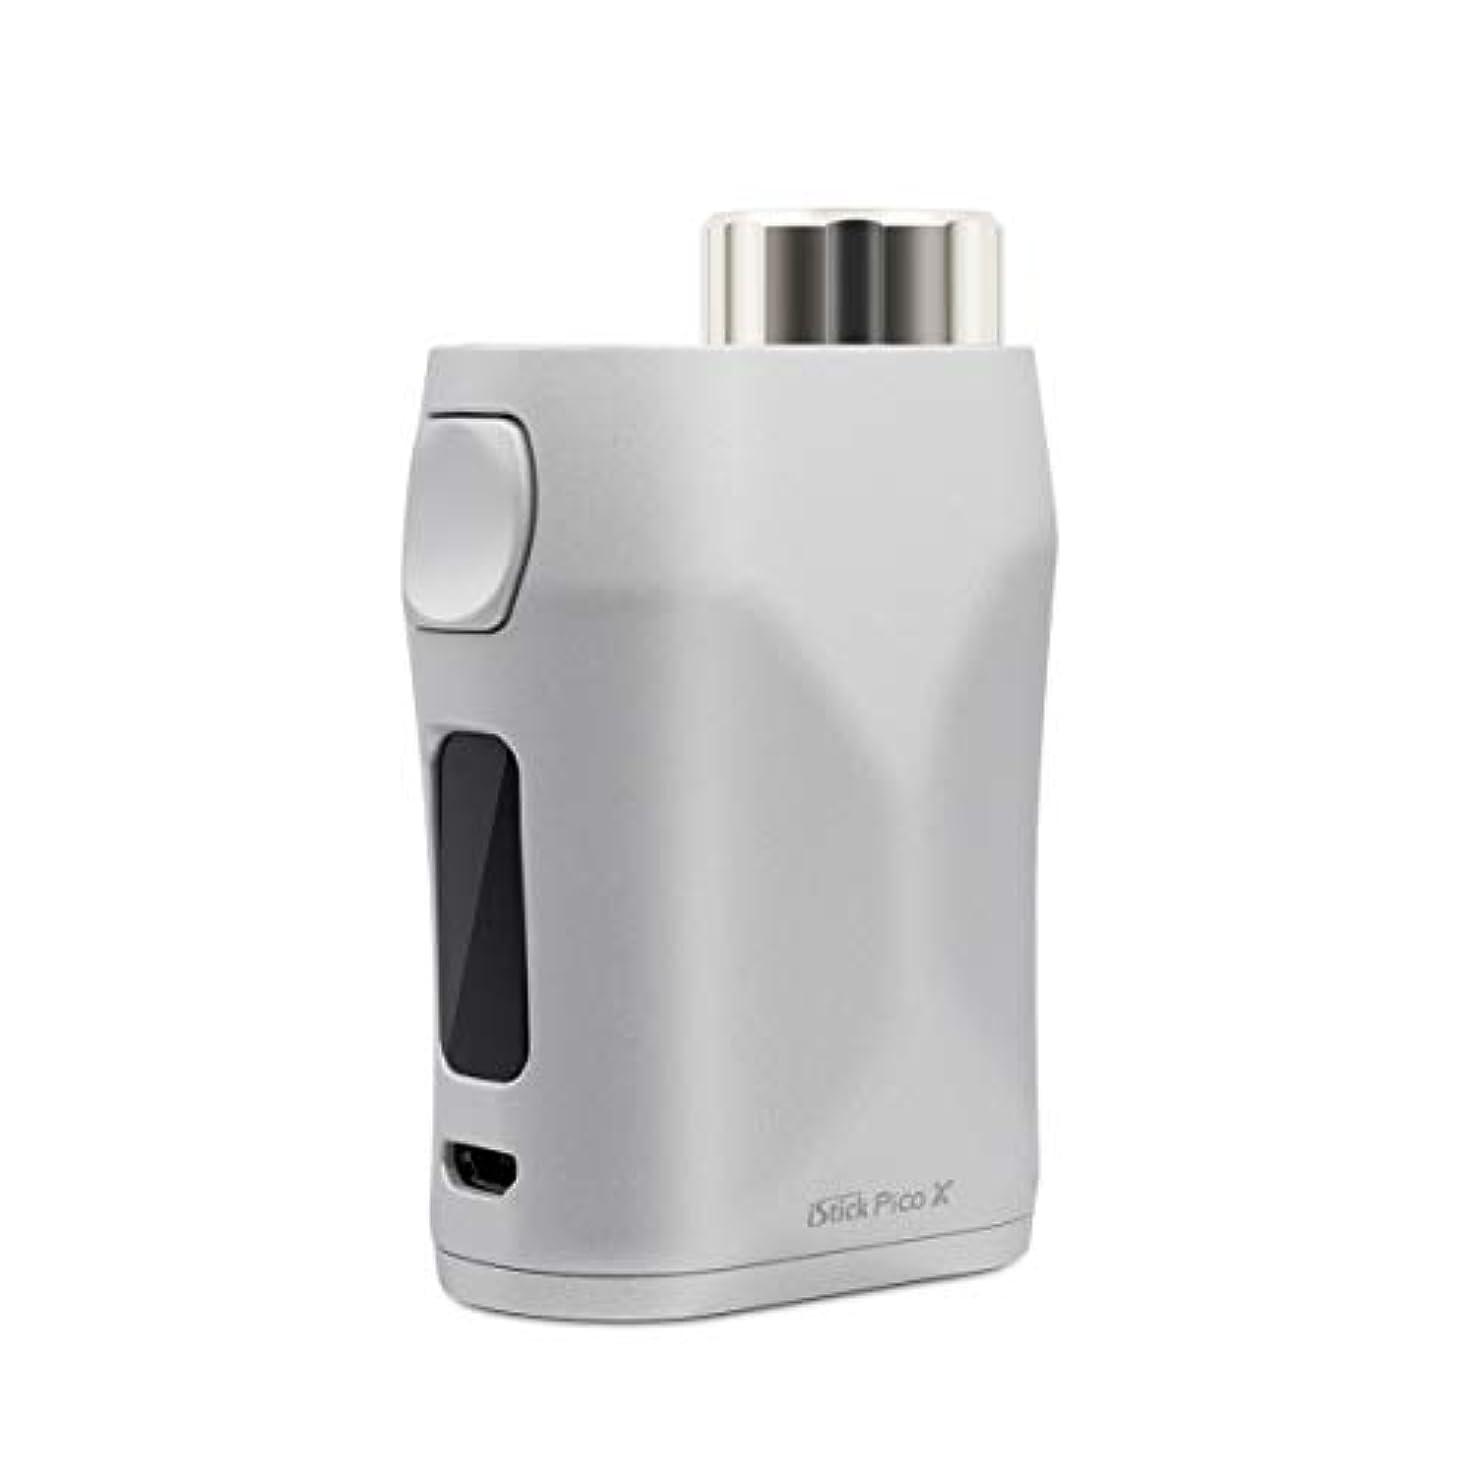 強調記念品に負ける電子タバコ/爆煙/ベイプ/Vape本体[イーリーフ] Eleaf istick Pico X 75W Mod【温度管理機能搭載 プリヒート機能搭載】シルバーSilver